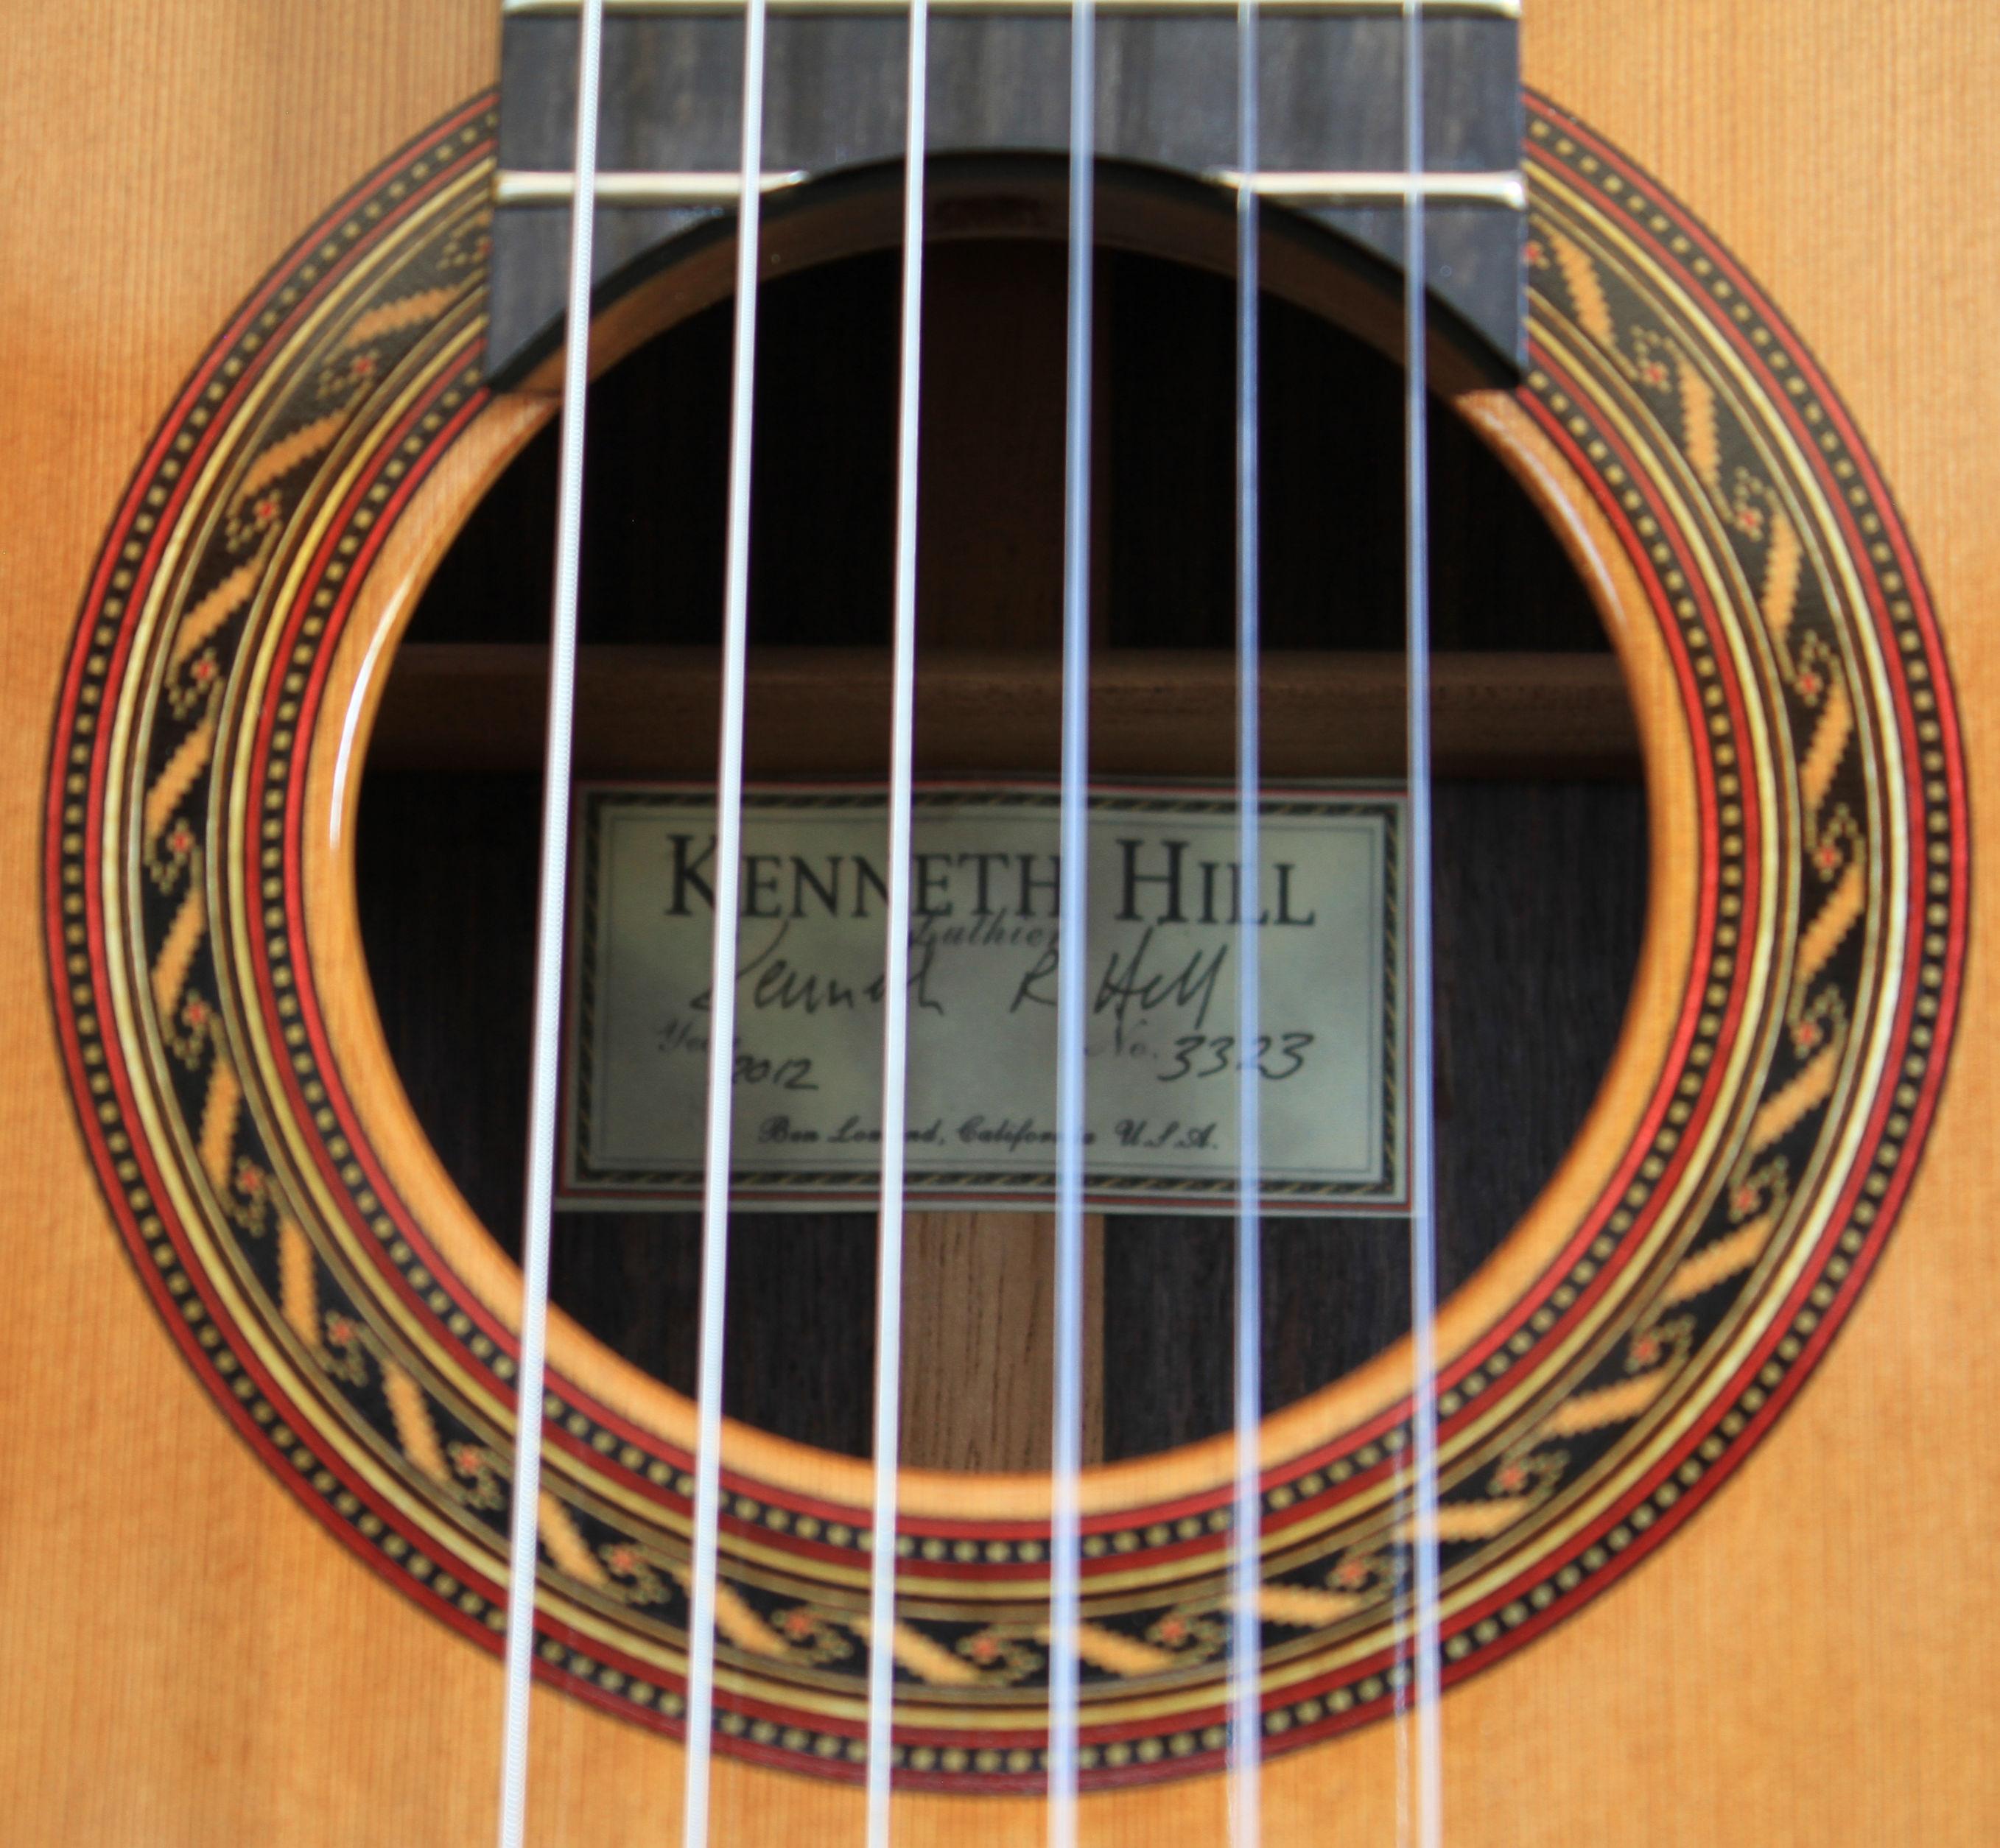 Kenny Hill Signature Classical Guitar 3323 Cedar